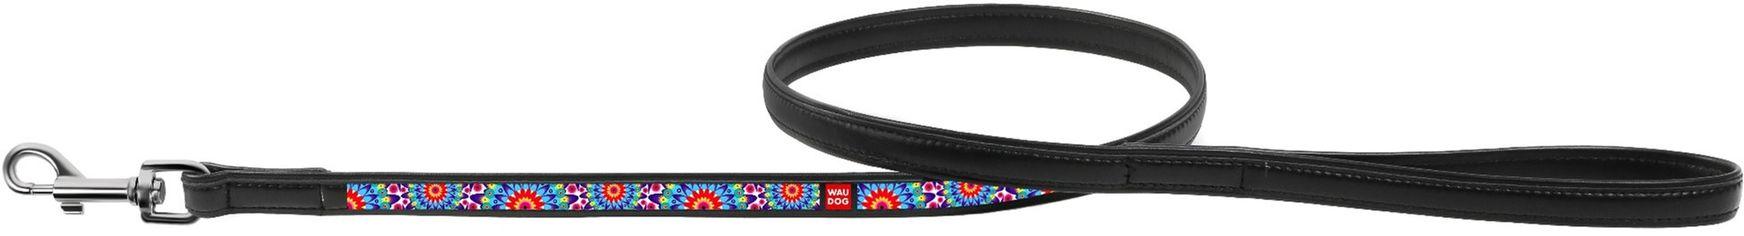 Акция на Поводок Collar WauDog с рисунком Цветы 122 см 25 мм Черный (37921) (4823089310015) от Rozetka